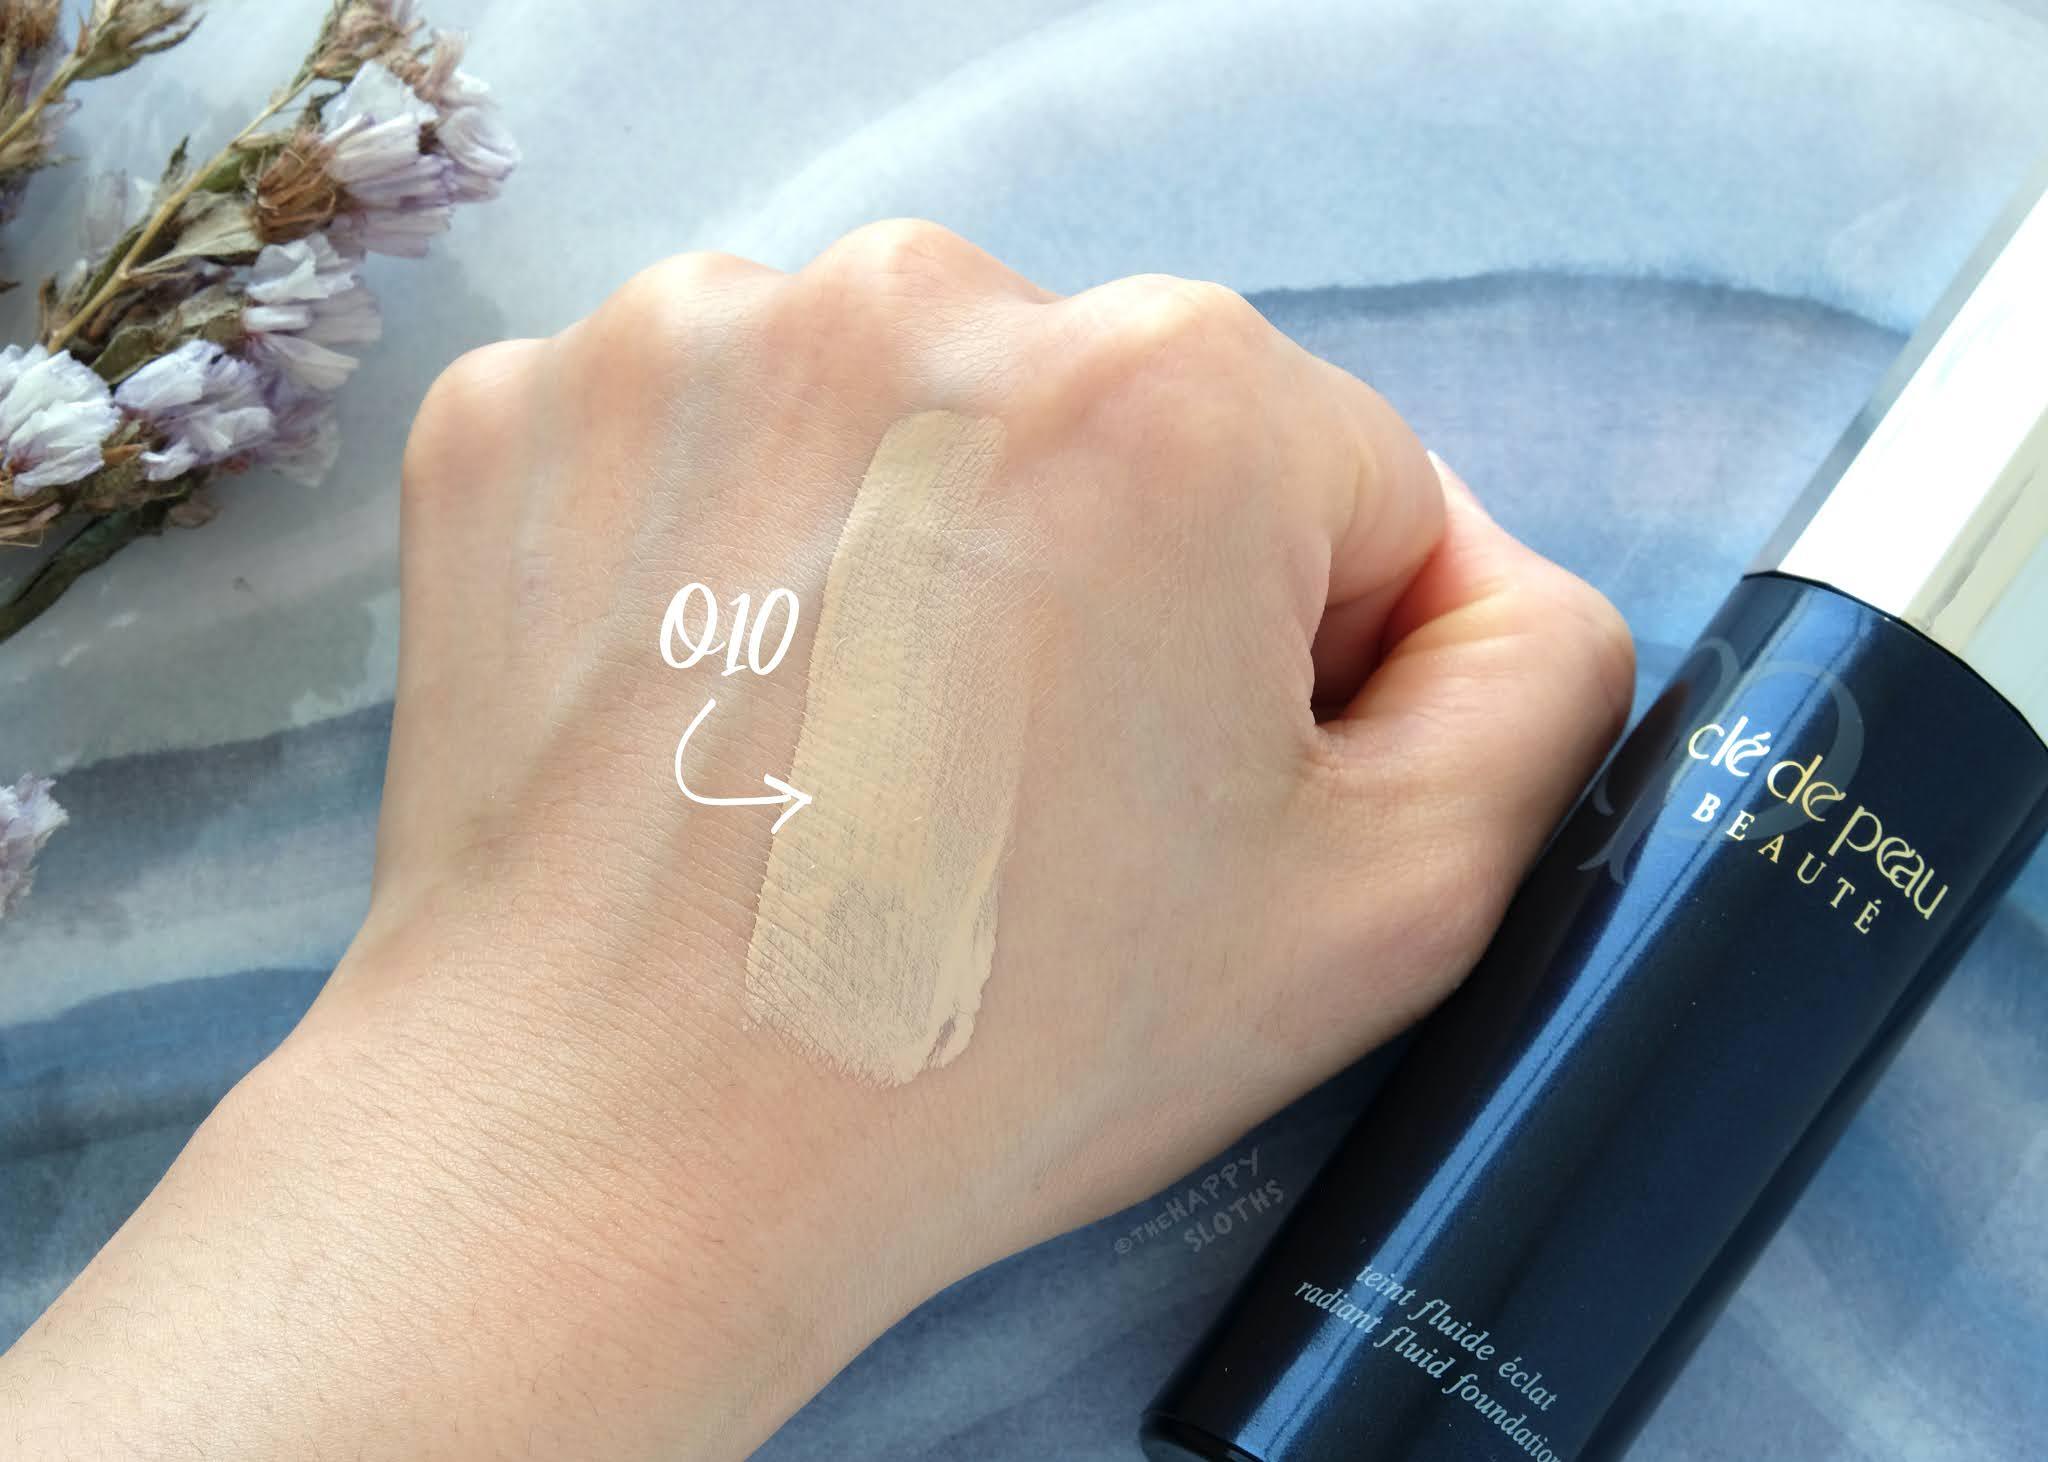 """Clé de Peau Beauté   Radiant Fluid Foundation in """"O10"""": Review and Swatches"""